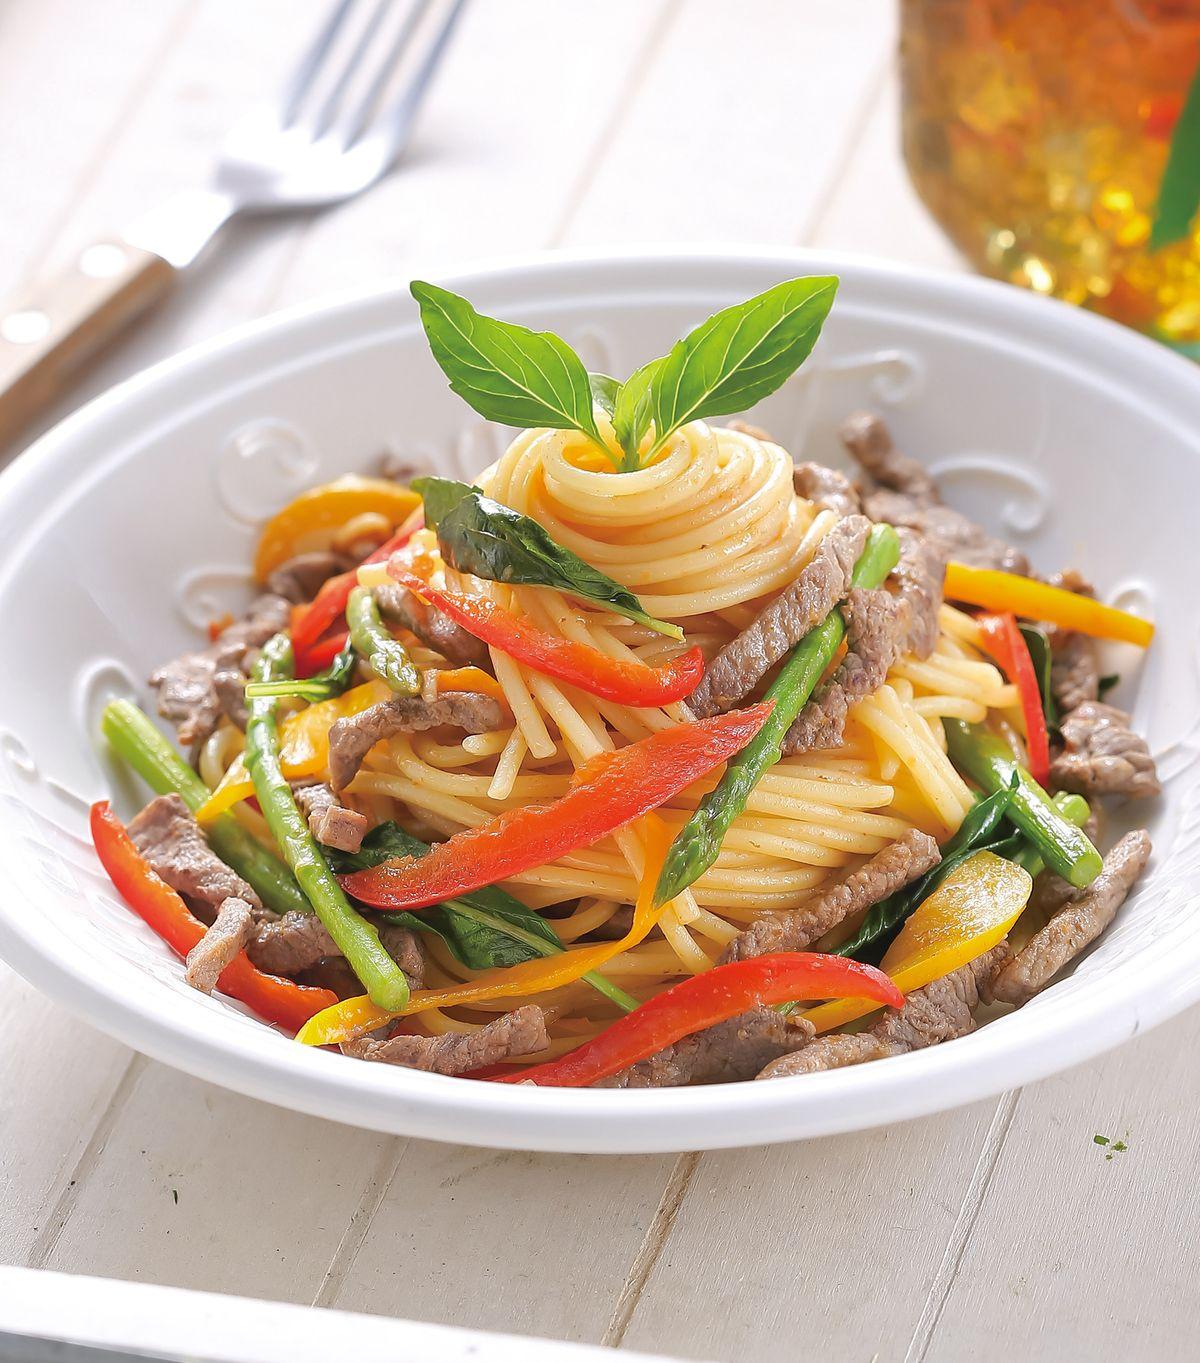 食譜:泰式酸辣牛肉義大利麵